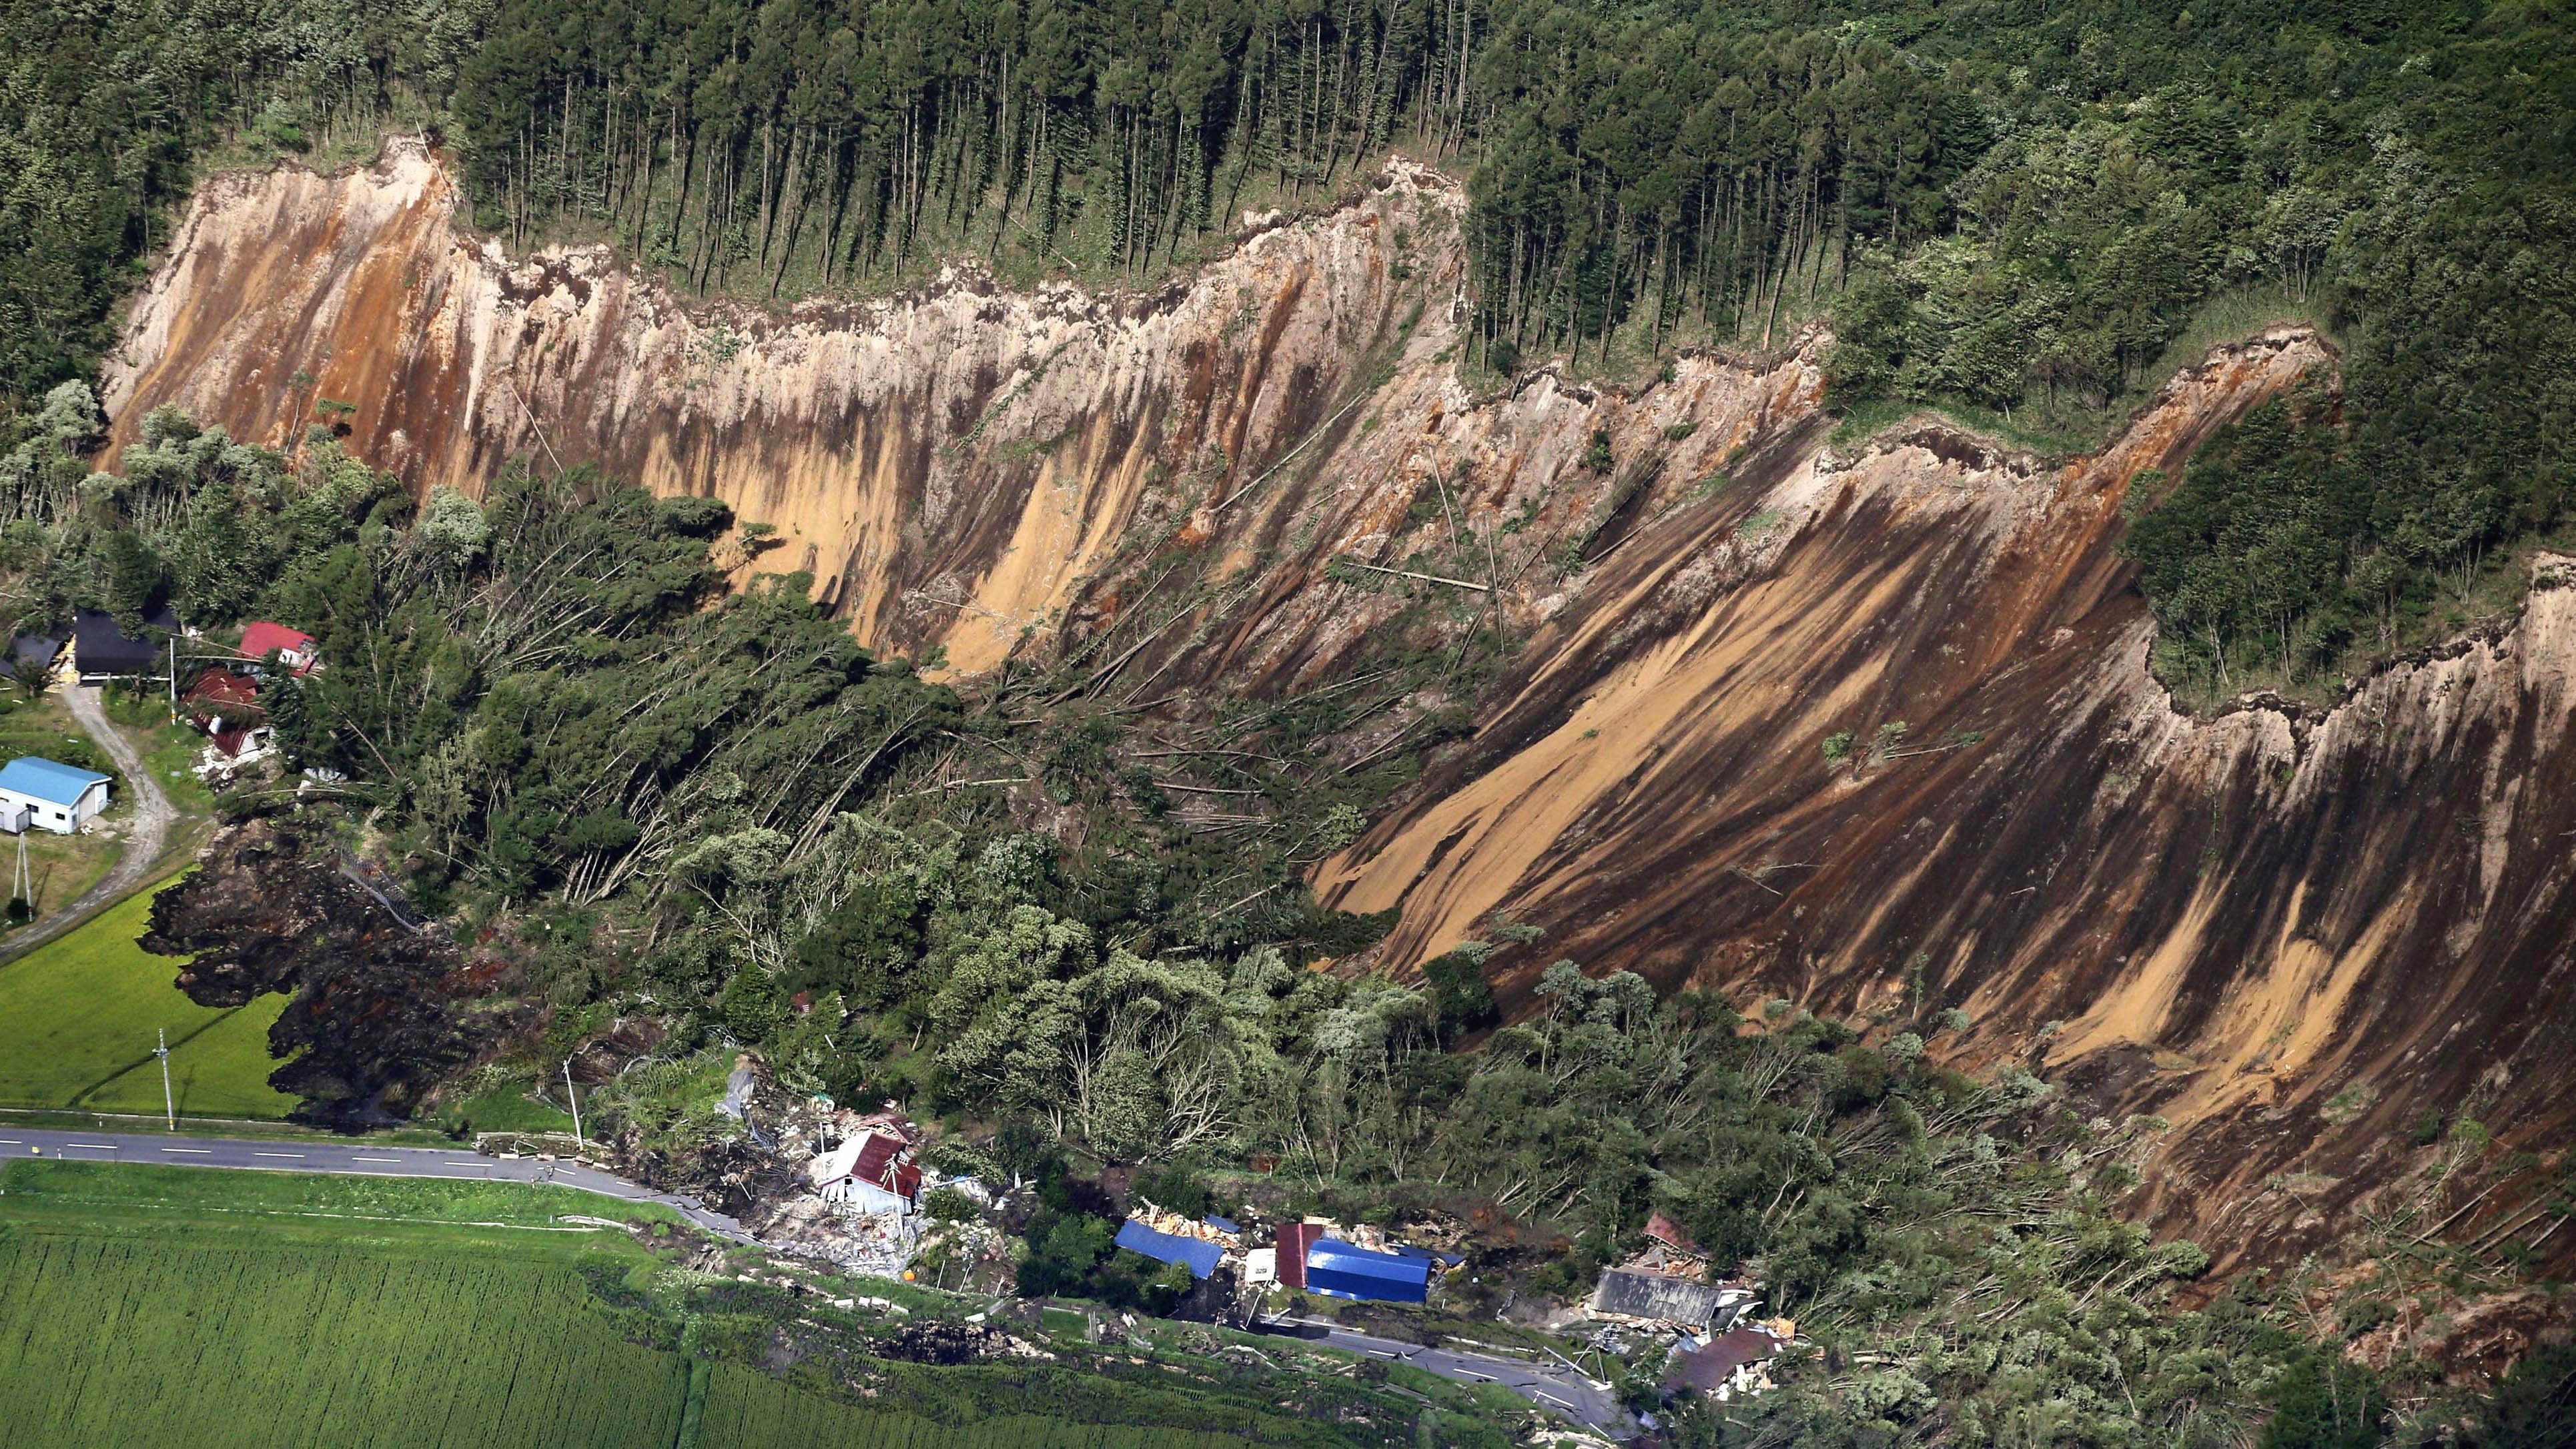 Σεισμός 6,7 στην Ιαπωνία: Ένας νεκρός, 32 αγνοούμενοι και 120 τραυματίες (vid)